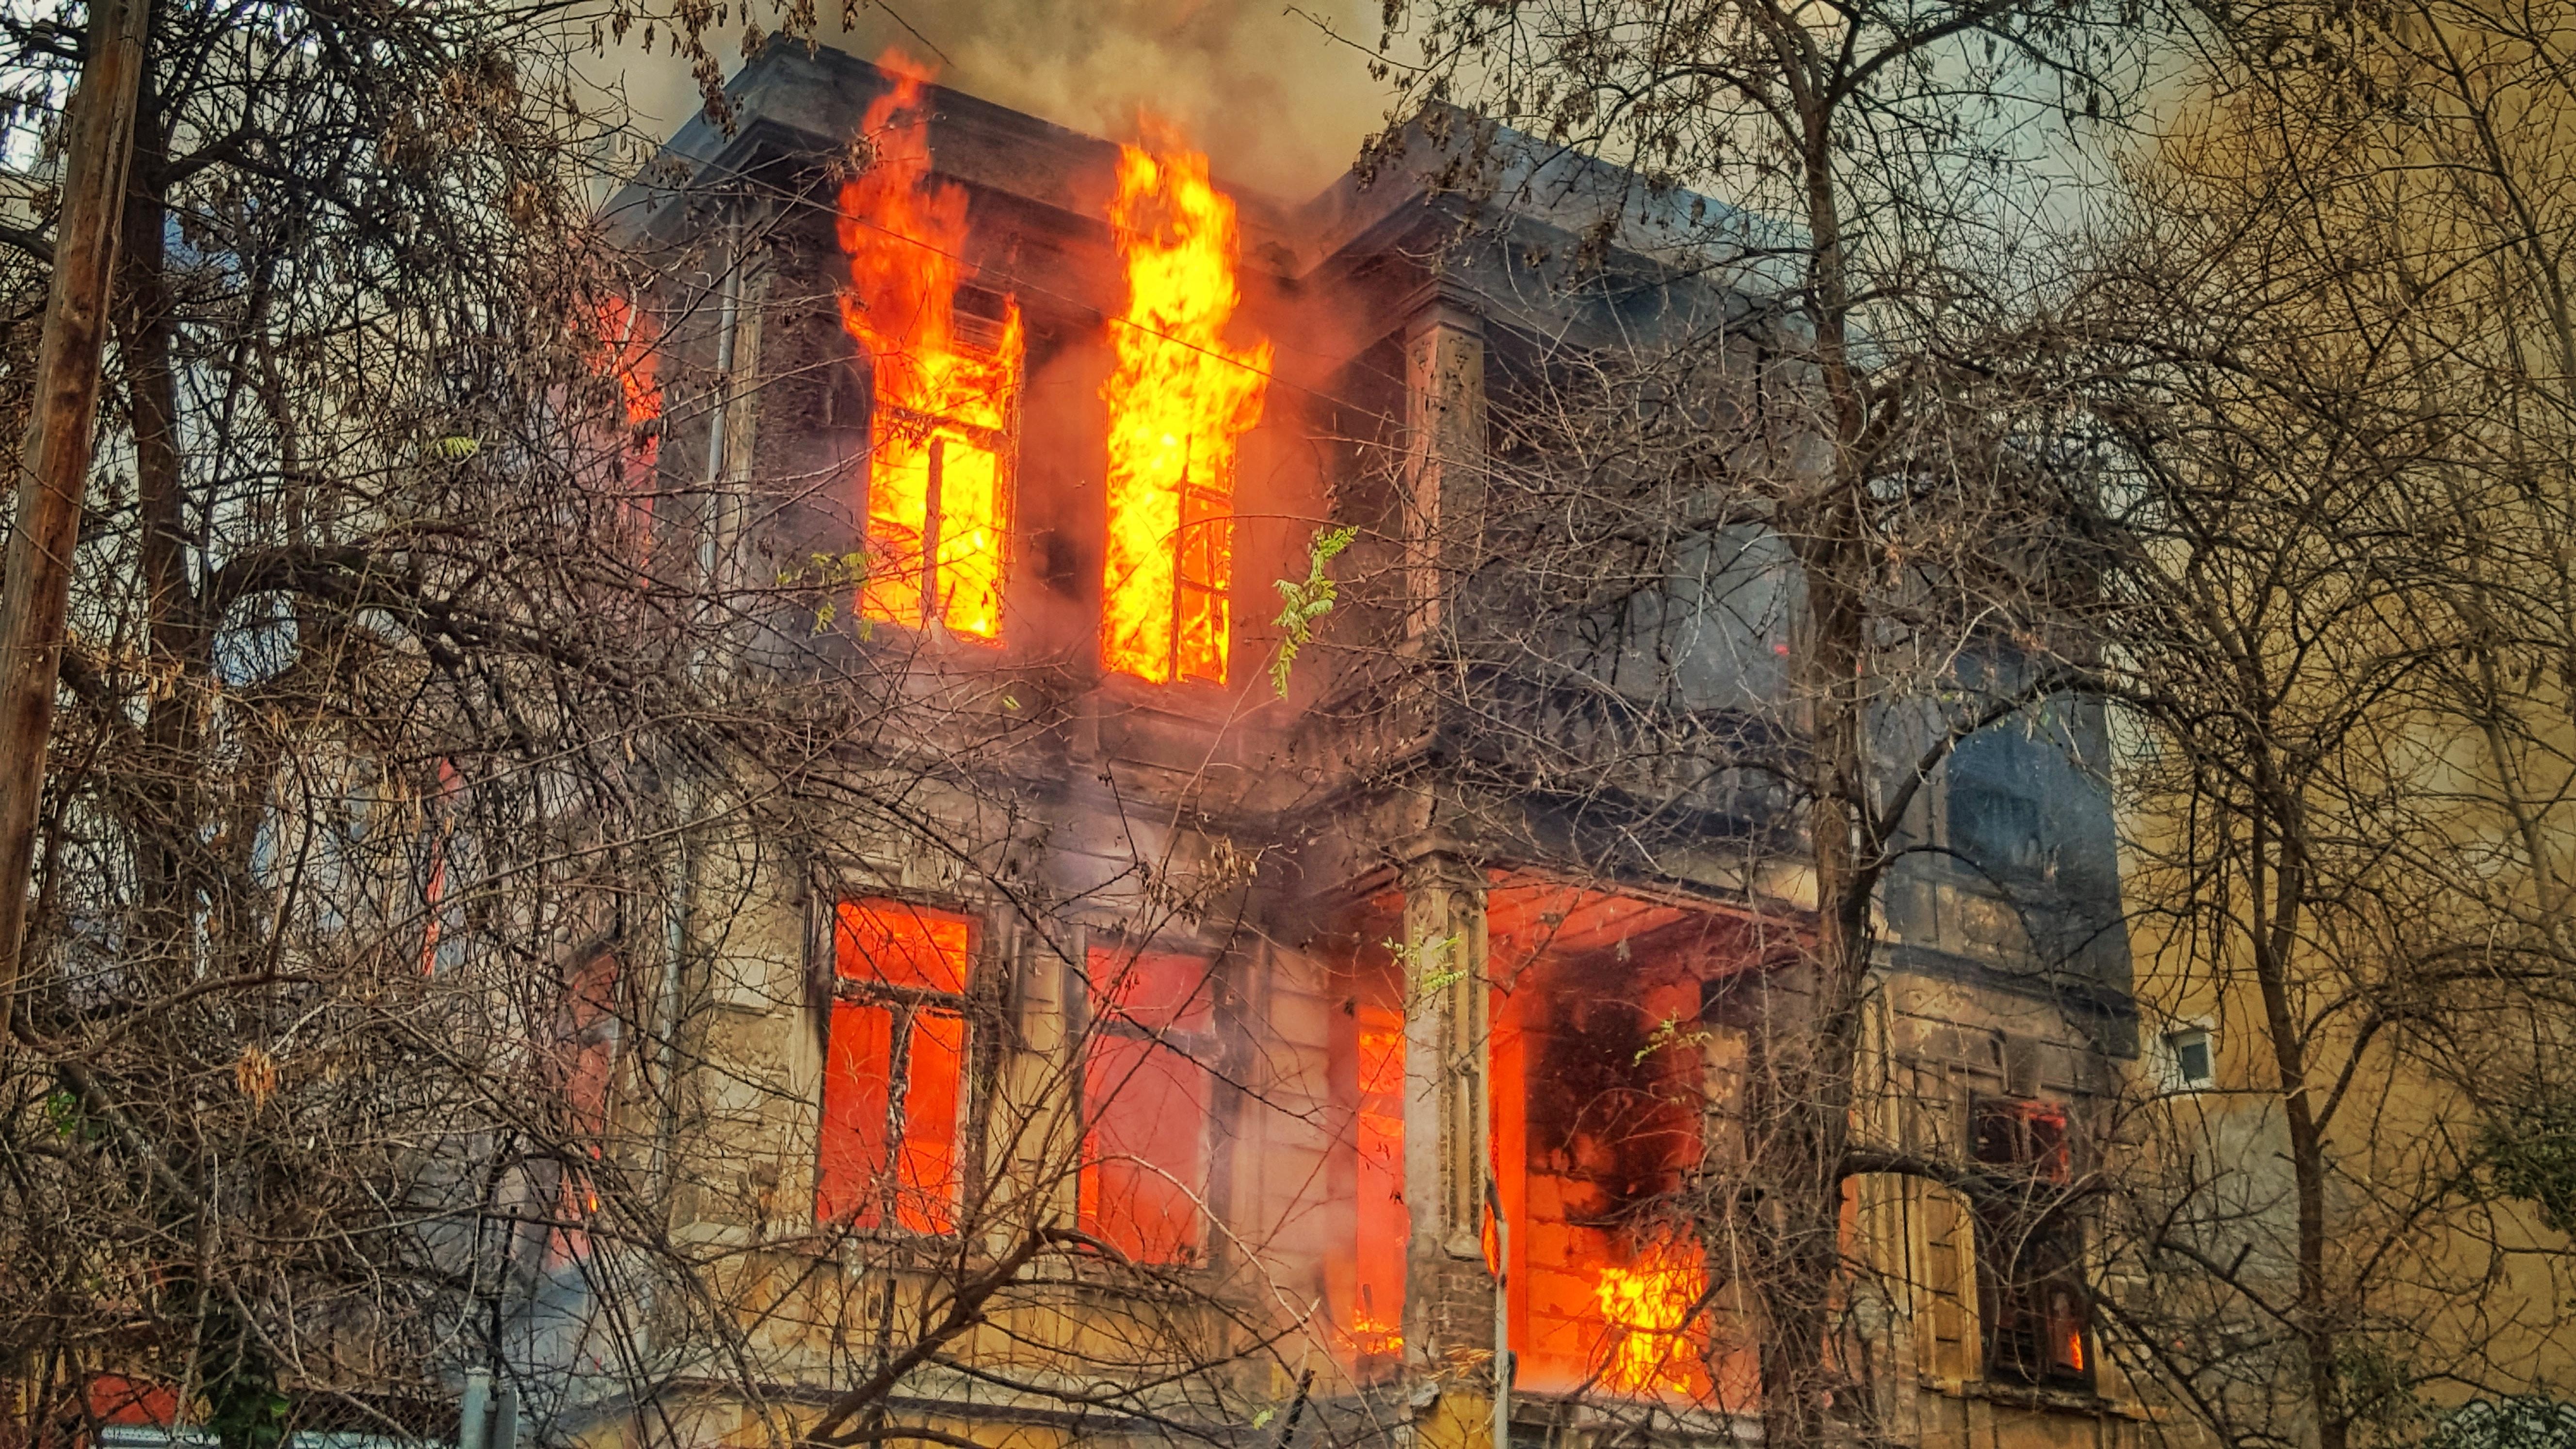 photo of burning house near trees